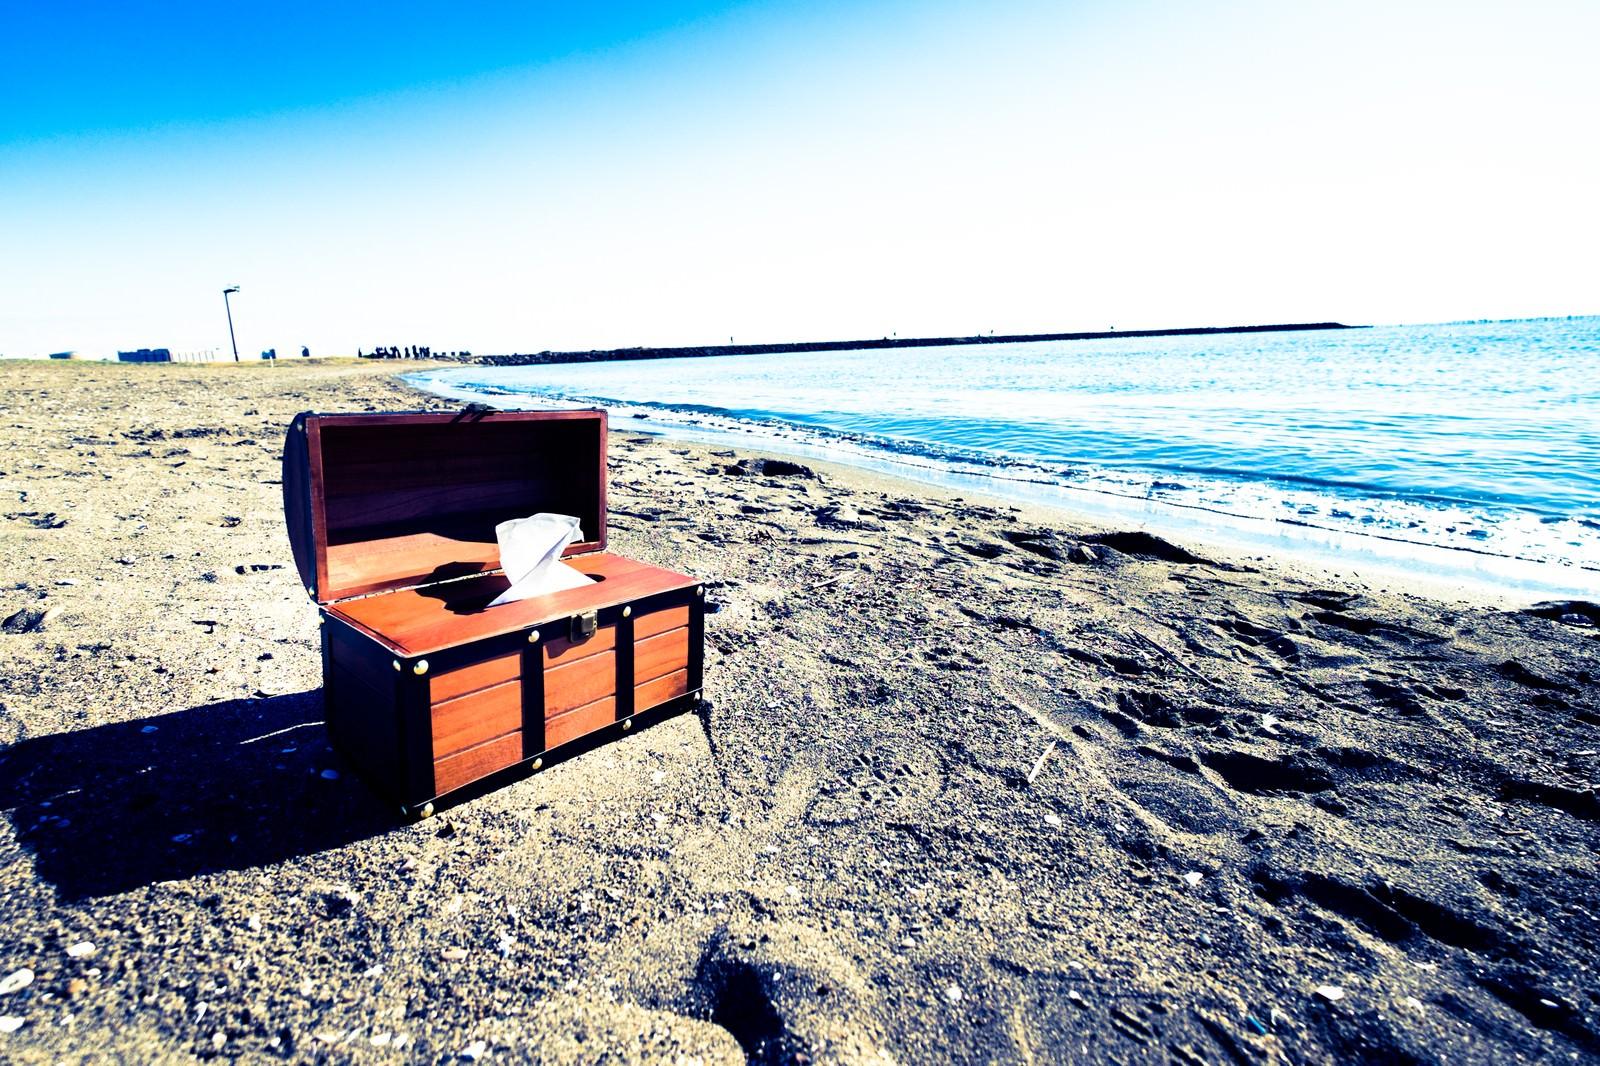 「海岸線と宝箱ティッシュケース」の写真